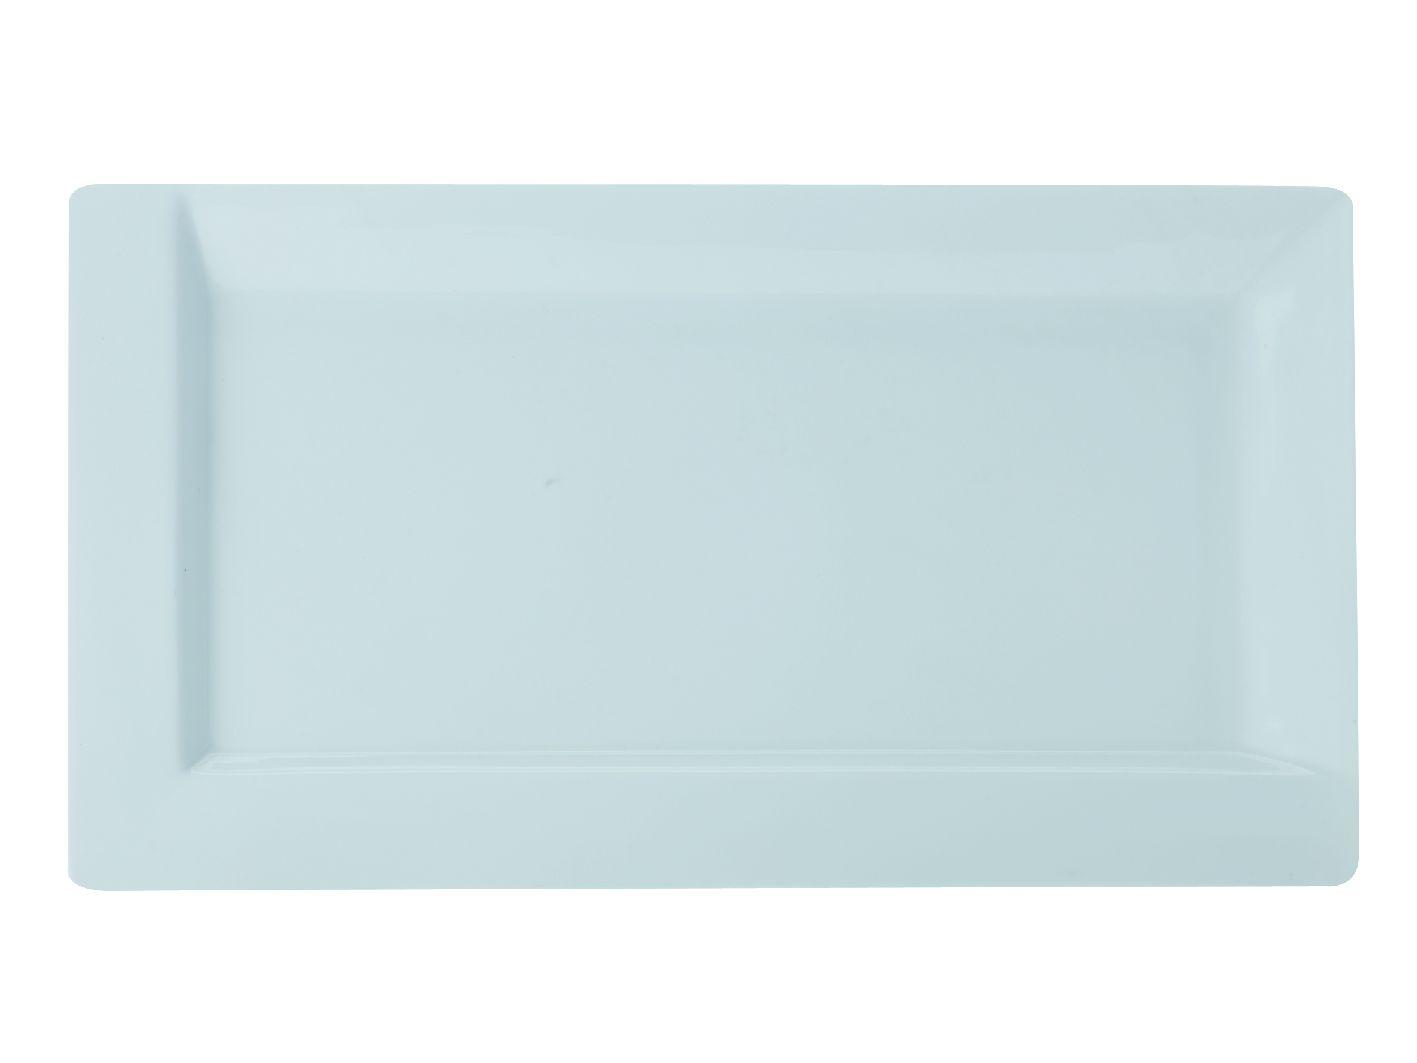 Porcelánový Obdélníkový talíř ZiiZ 25 x 16 cm - Maxwell&Williams